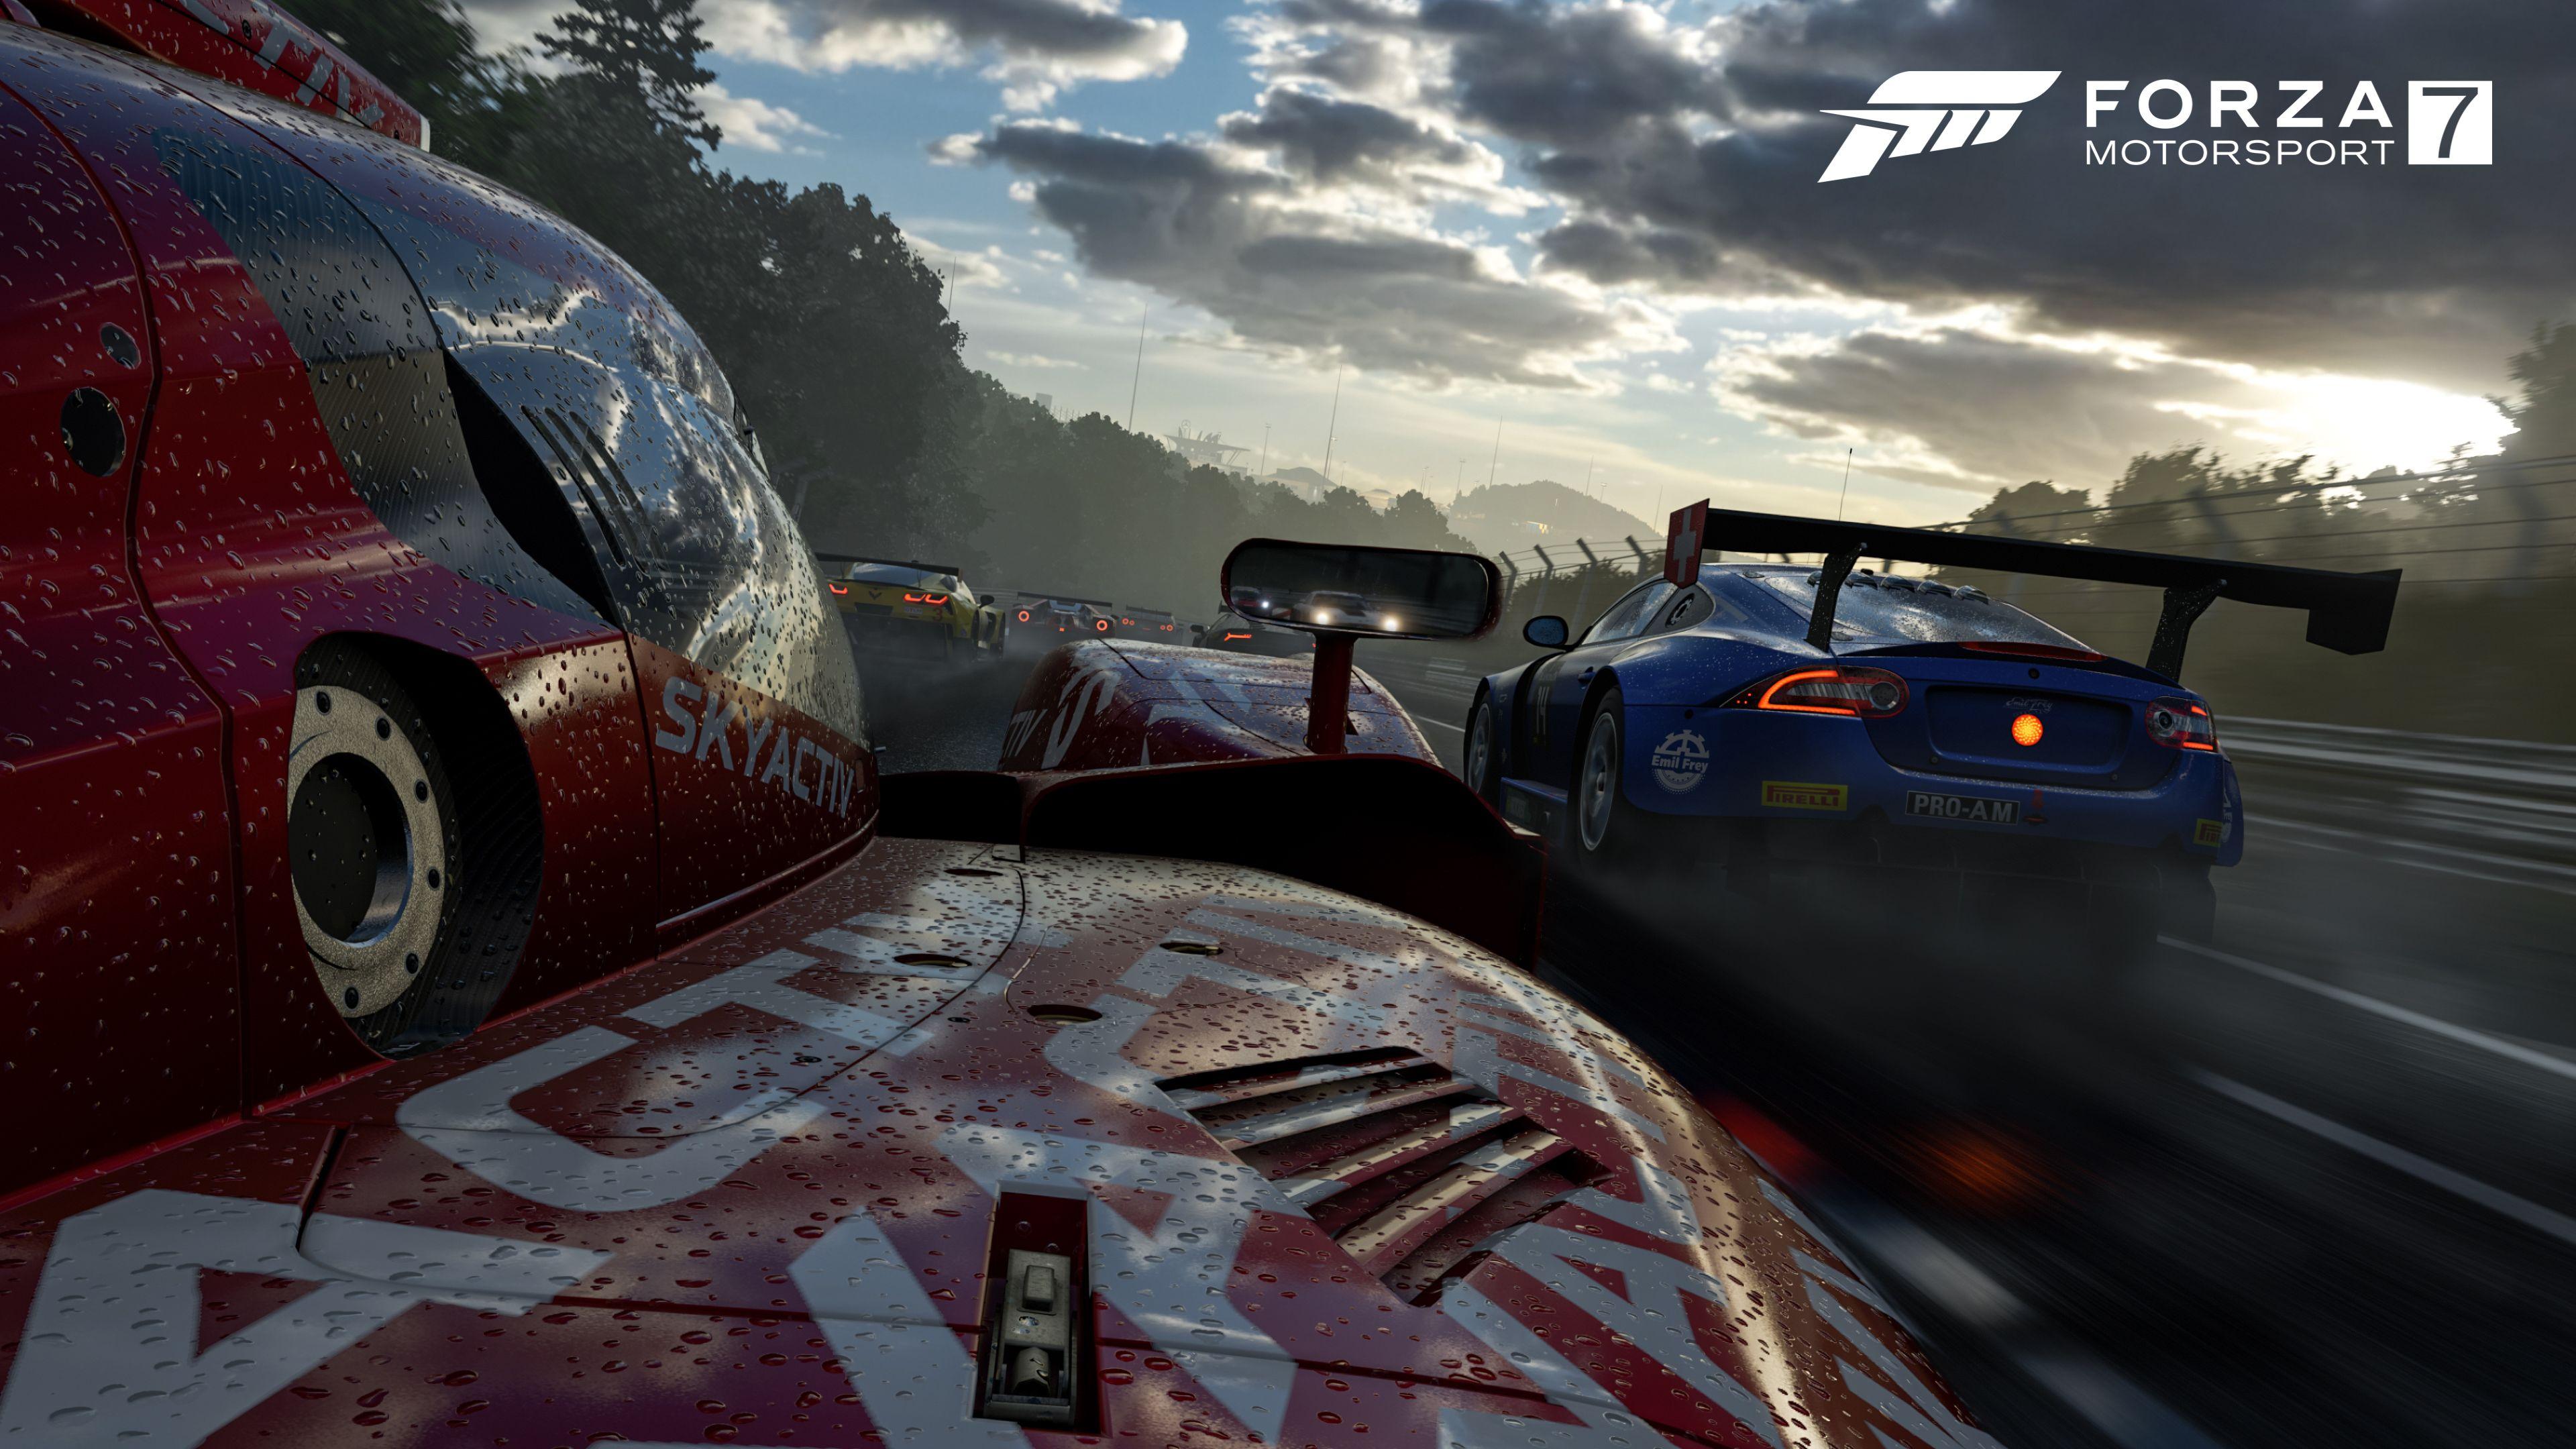 Forza Motorsport 7 - HW nároky, demo a obrázky 148633